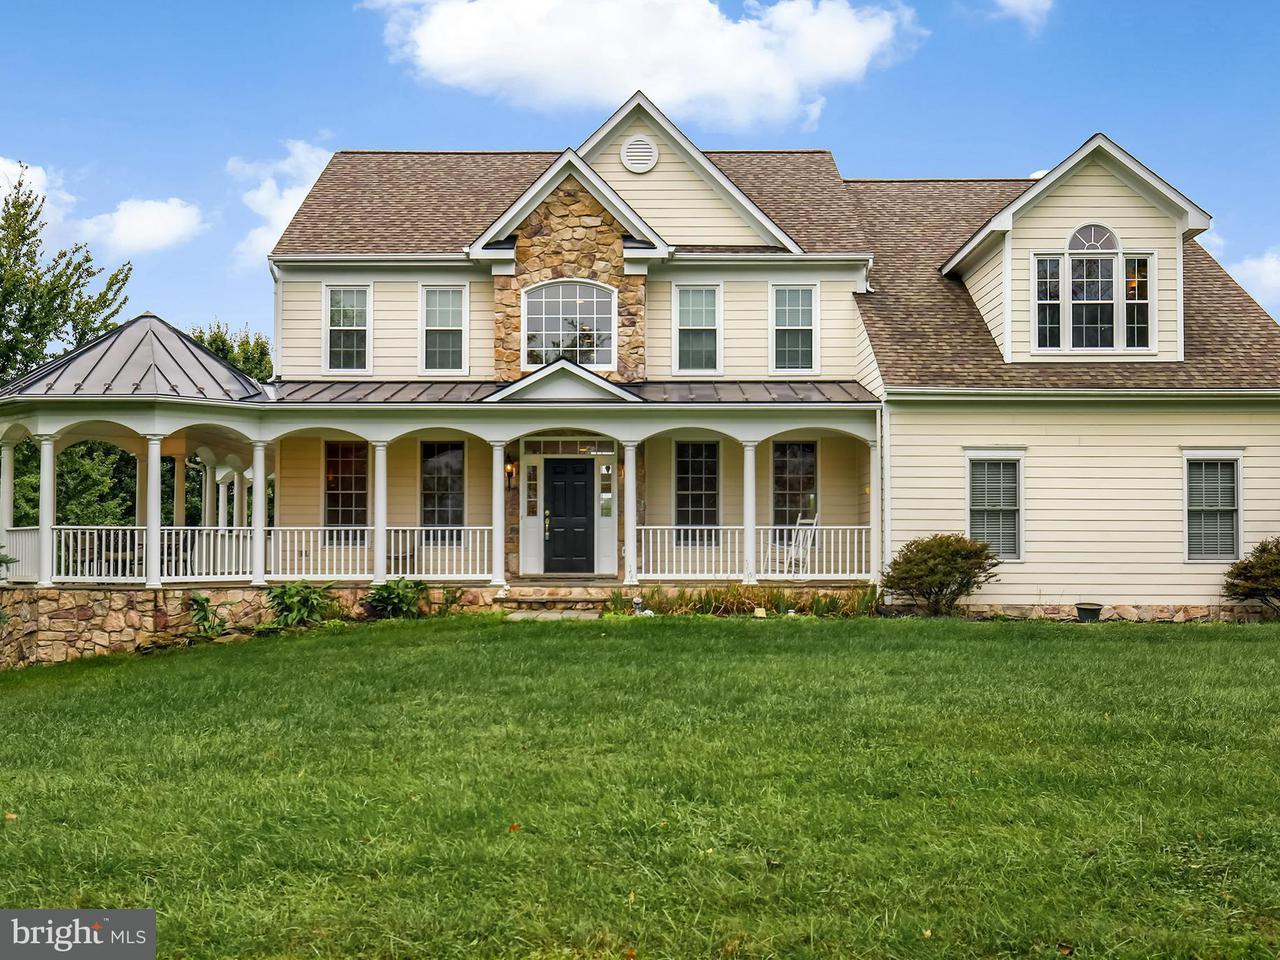 Casa Unifamiliar por un Venta en 16777 Old Waterford Road 16777 Old Waterford Road Paeonian Springs, Virginia 20129 Estados Unidos